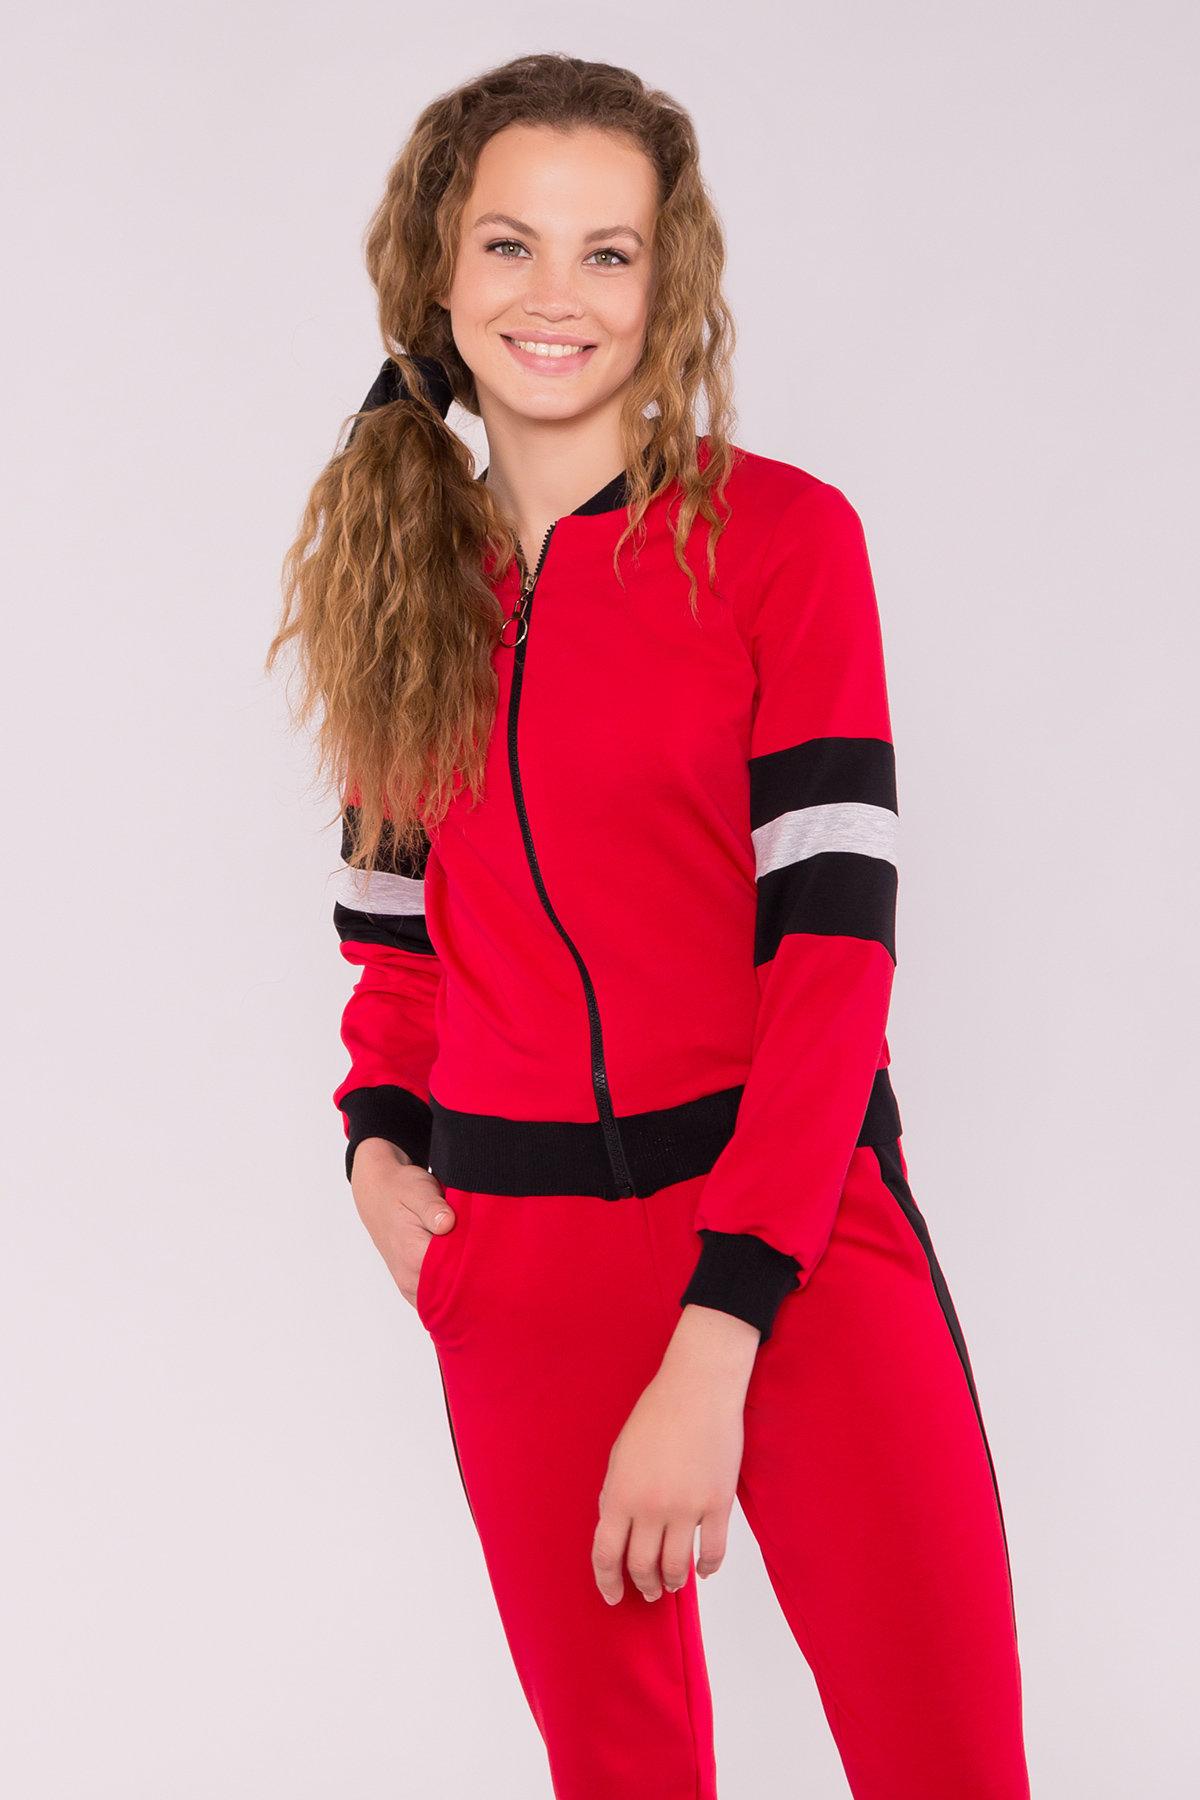 Костюм Ринальдо 7264 АРТ. 42839 Цвет: Красный/сер люр/черн - фото 3, интернет магазин tm-modus.ru